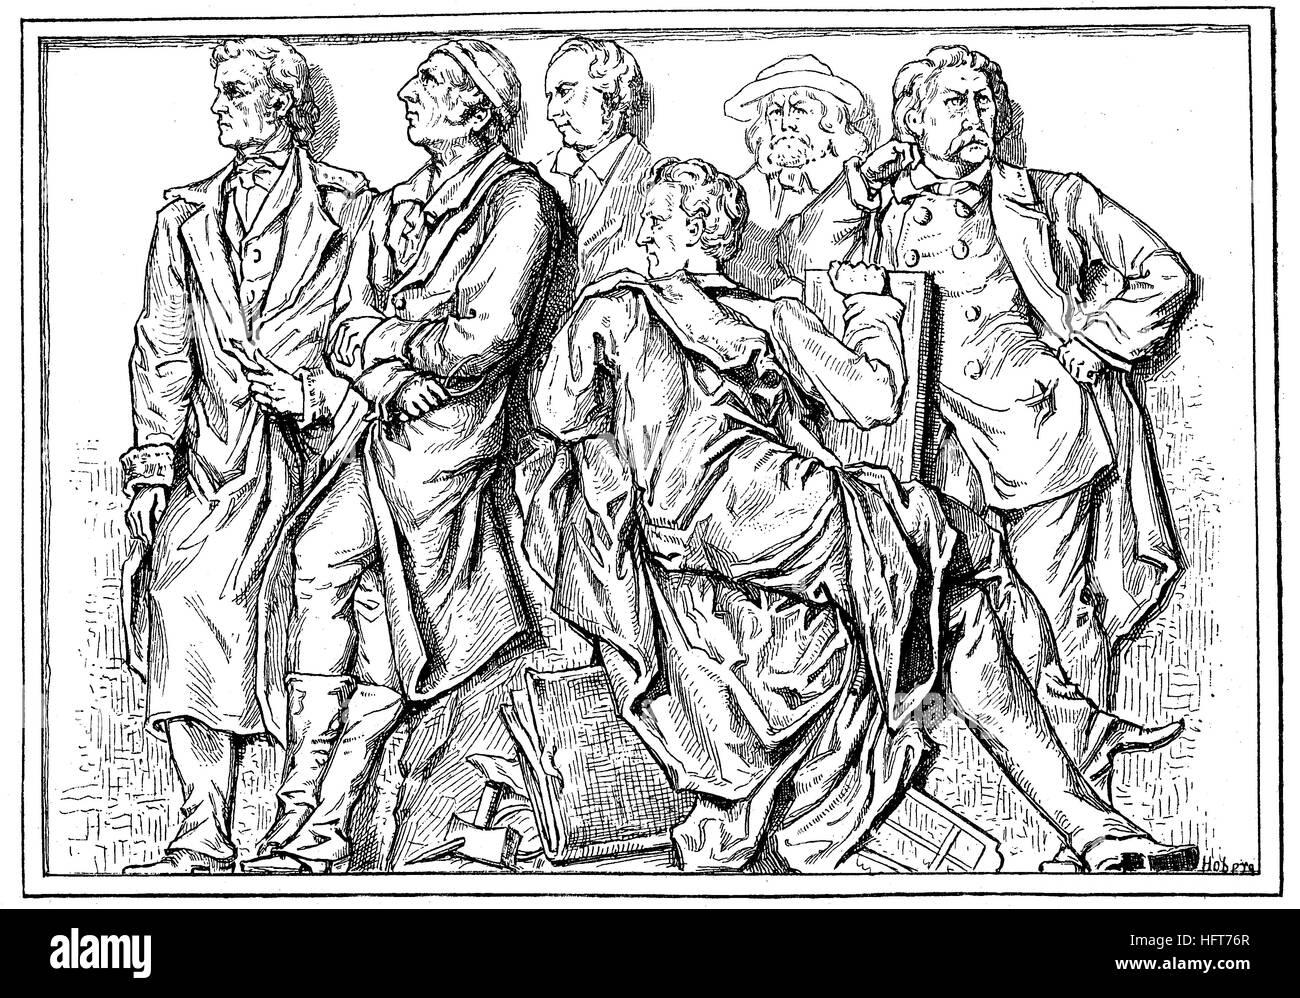 Desde la izquierda, Rietschel, G. Schadow, W. Schadow, Schnorr von Carolsfeld, Rethel und Schwind, son las personas de la Relieffries de Geyer en la Galería Nacional de Berlín, Alemania, la xilografía a partir del año 1885, digital mejorado Foto de stock